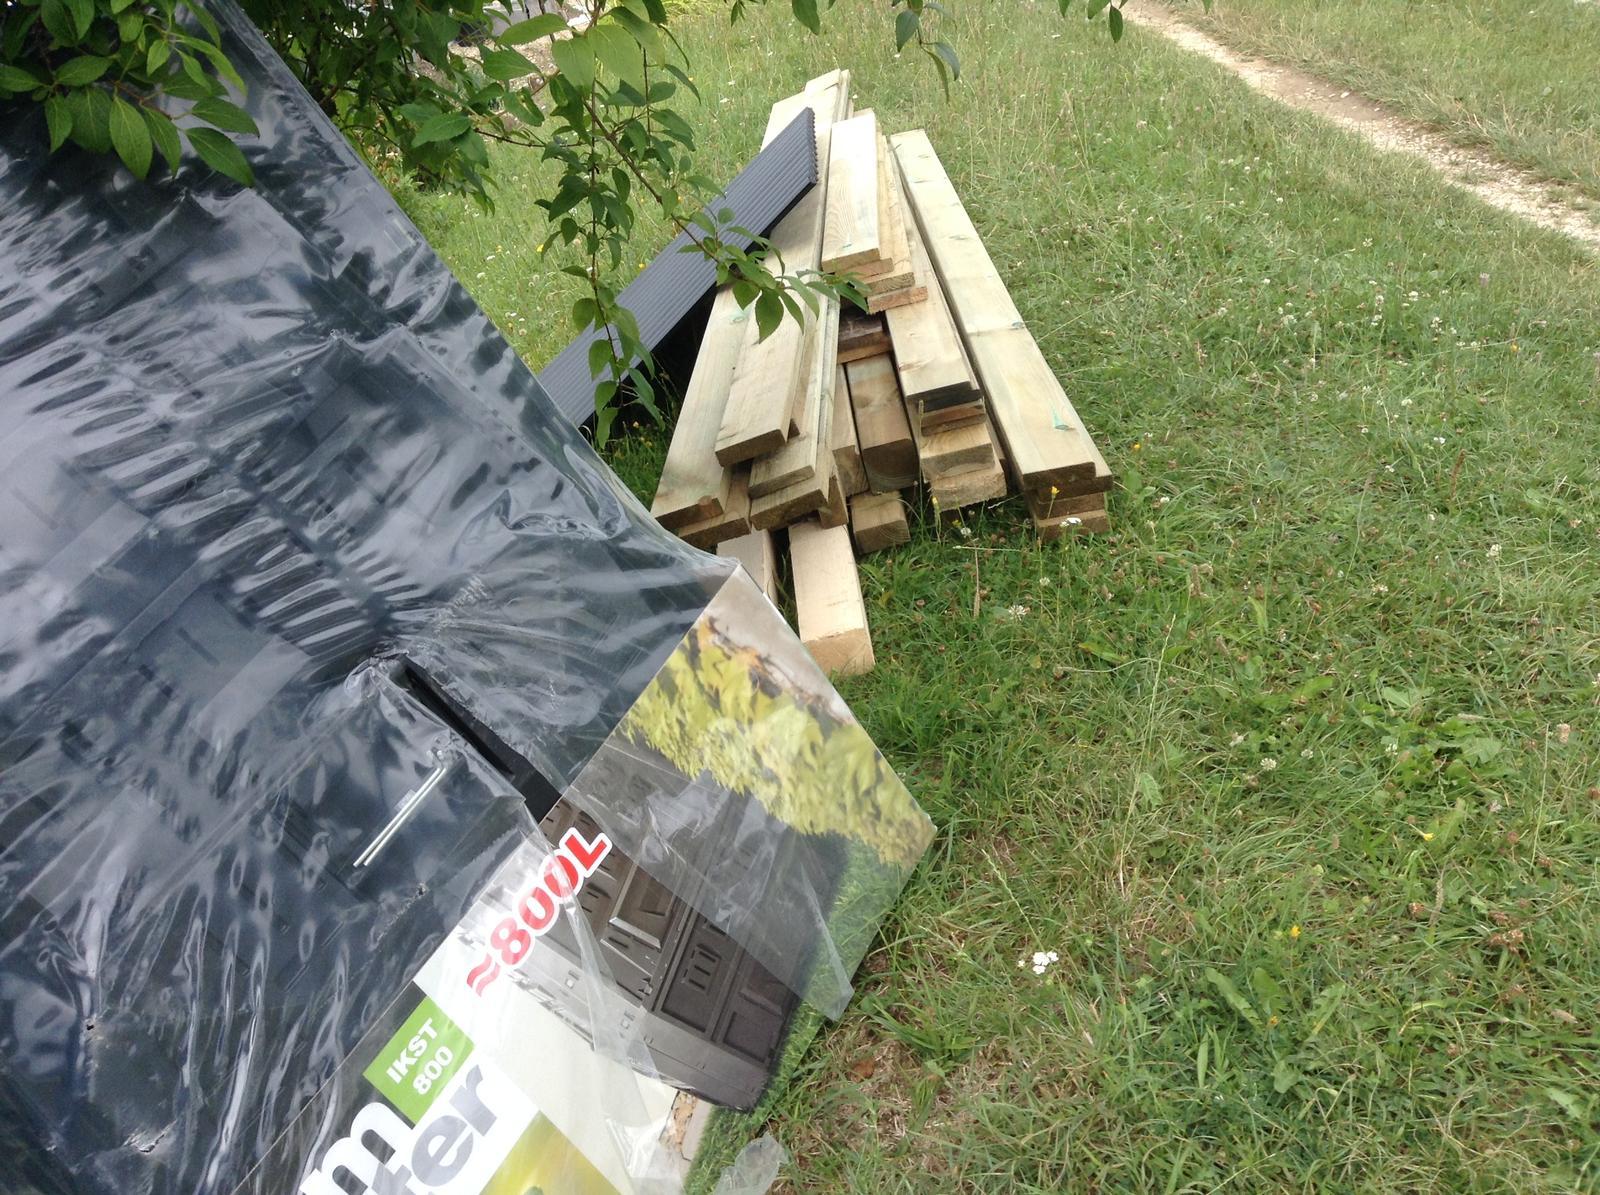 Domček - stavba altánku - Tá kopa dreva - to bude altánok ;)